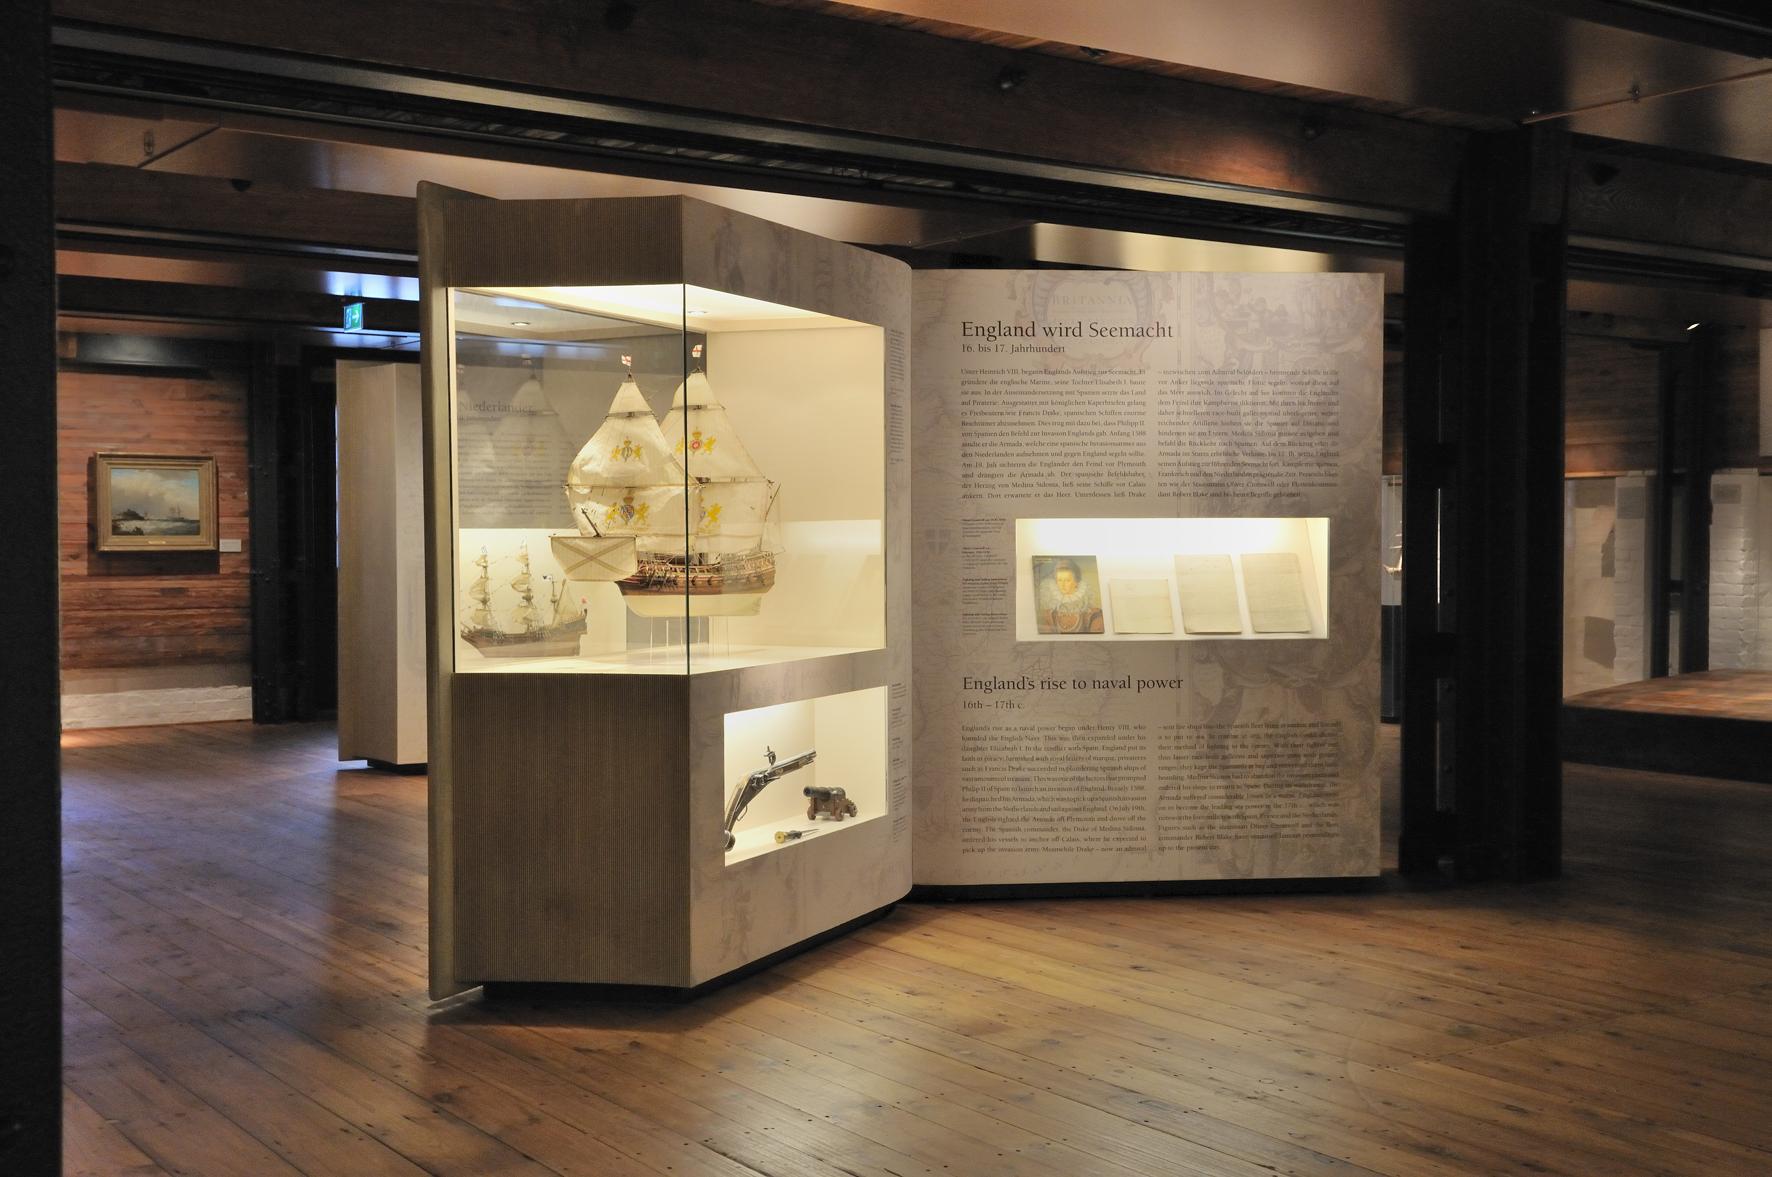 07.kwod_Ausstellung_Internationale s_Maritimes_Museumj_Bücher.pg